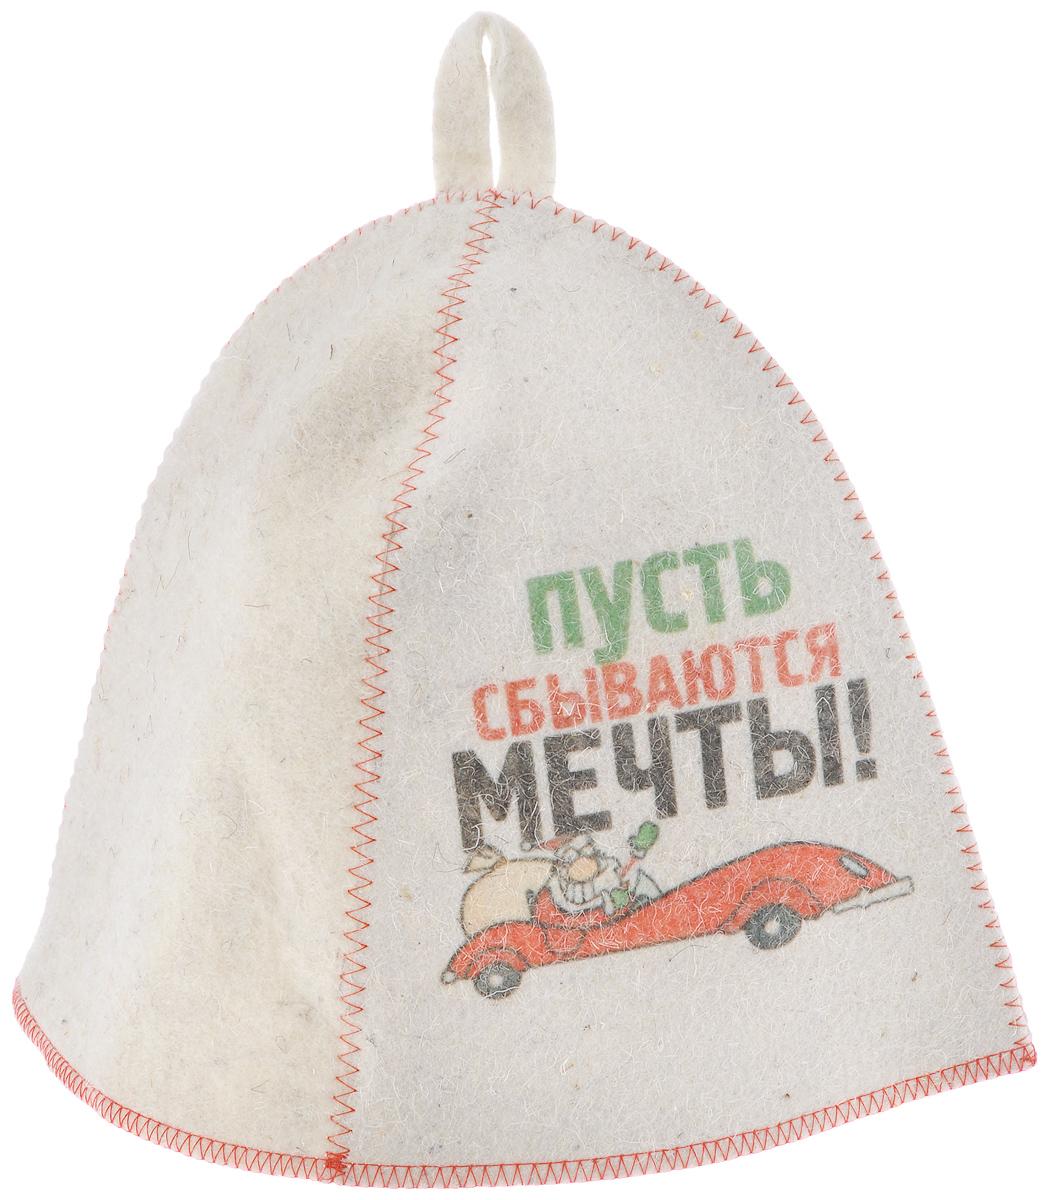 """Банная шапка Главбаня """"Пусть сбываются мечты!"""" изготовлена из высококачественного войлока и декорирована изображением Деда Мороза на машине и надписью """"Пусть сбываются мечты!"""". Банная шапка - это незаменимый аксессуар для любителей попариться в русской бане и для тех, кто предпочитает сухой жар финской бани. Кроме того, шапка защитит волосы от сухости и ломкости, голову от перегрева и предотвратит появление головокружения. На шапке имеется петелька, с помощью которой ее можно повесить на крючок в предбаннике. Такая шапка станет отличным подарком для любителей отдыха в бане или сауне.Обхват головы: 68 см.Высота шапки: 23 см.Материал: войлок (50% шерсть, 50% полиэфир)."""